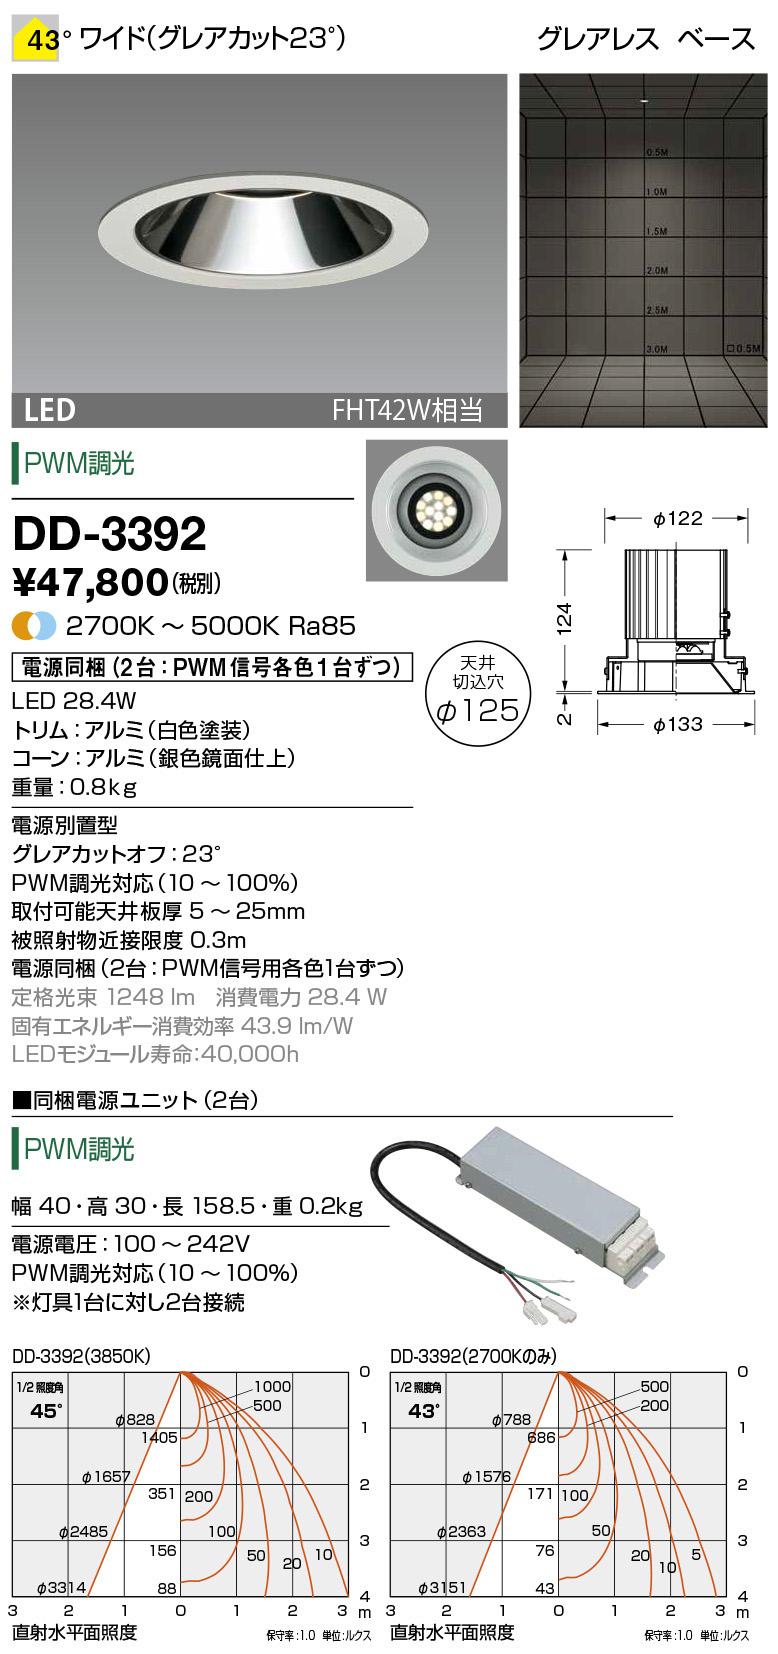 山田照明 照明器具LED一体型ダウンライト モルフシリーズ グレアレス ベースタイプ調色調光タイプ FHT42W相当DD-3392